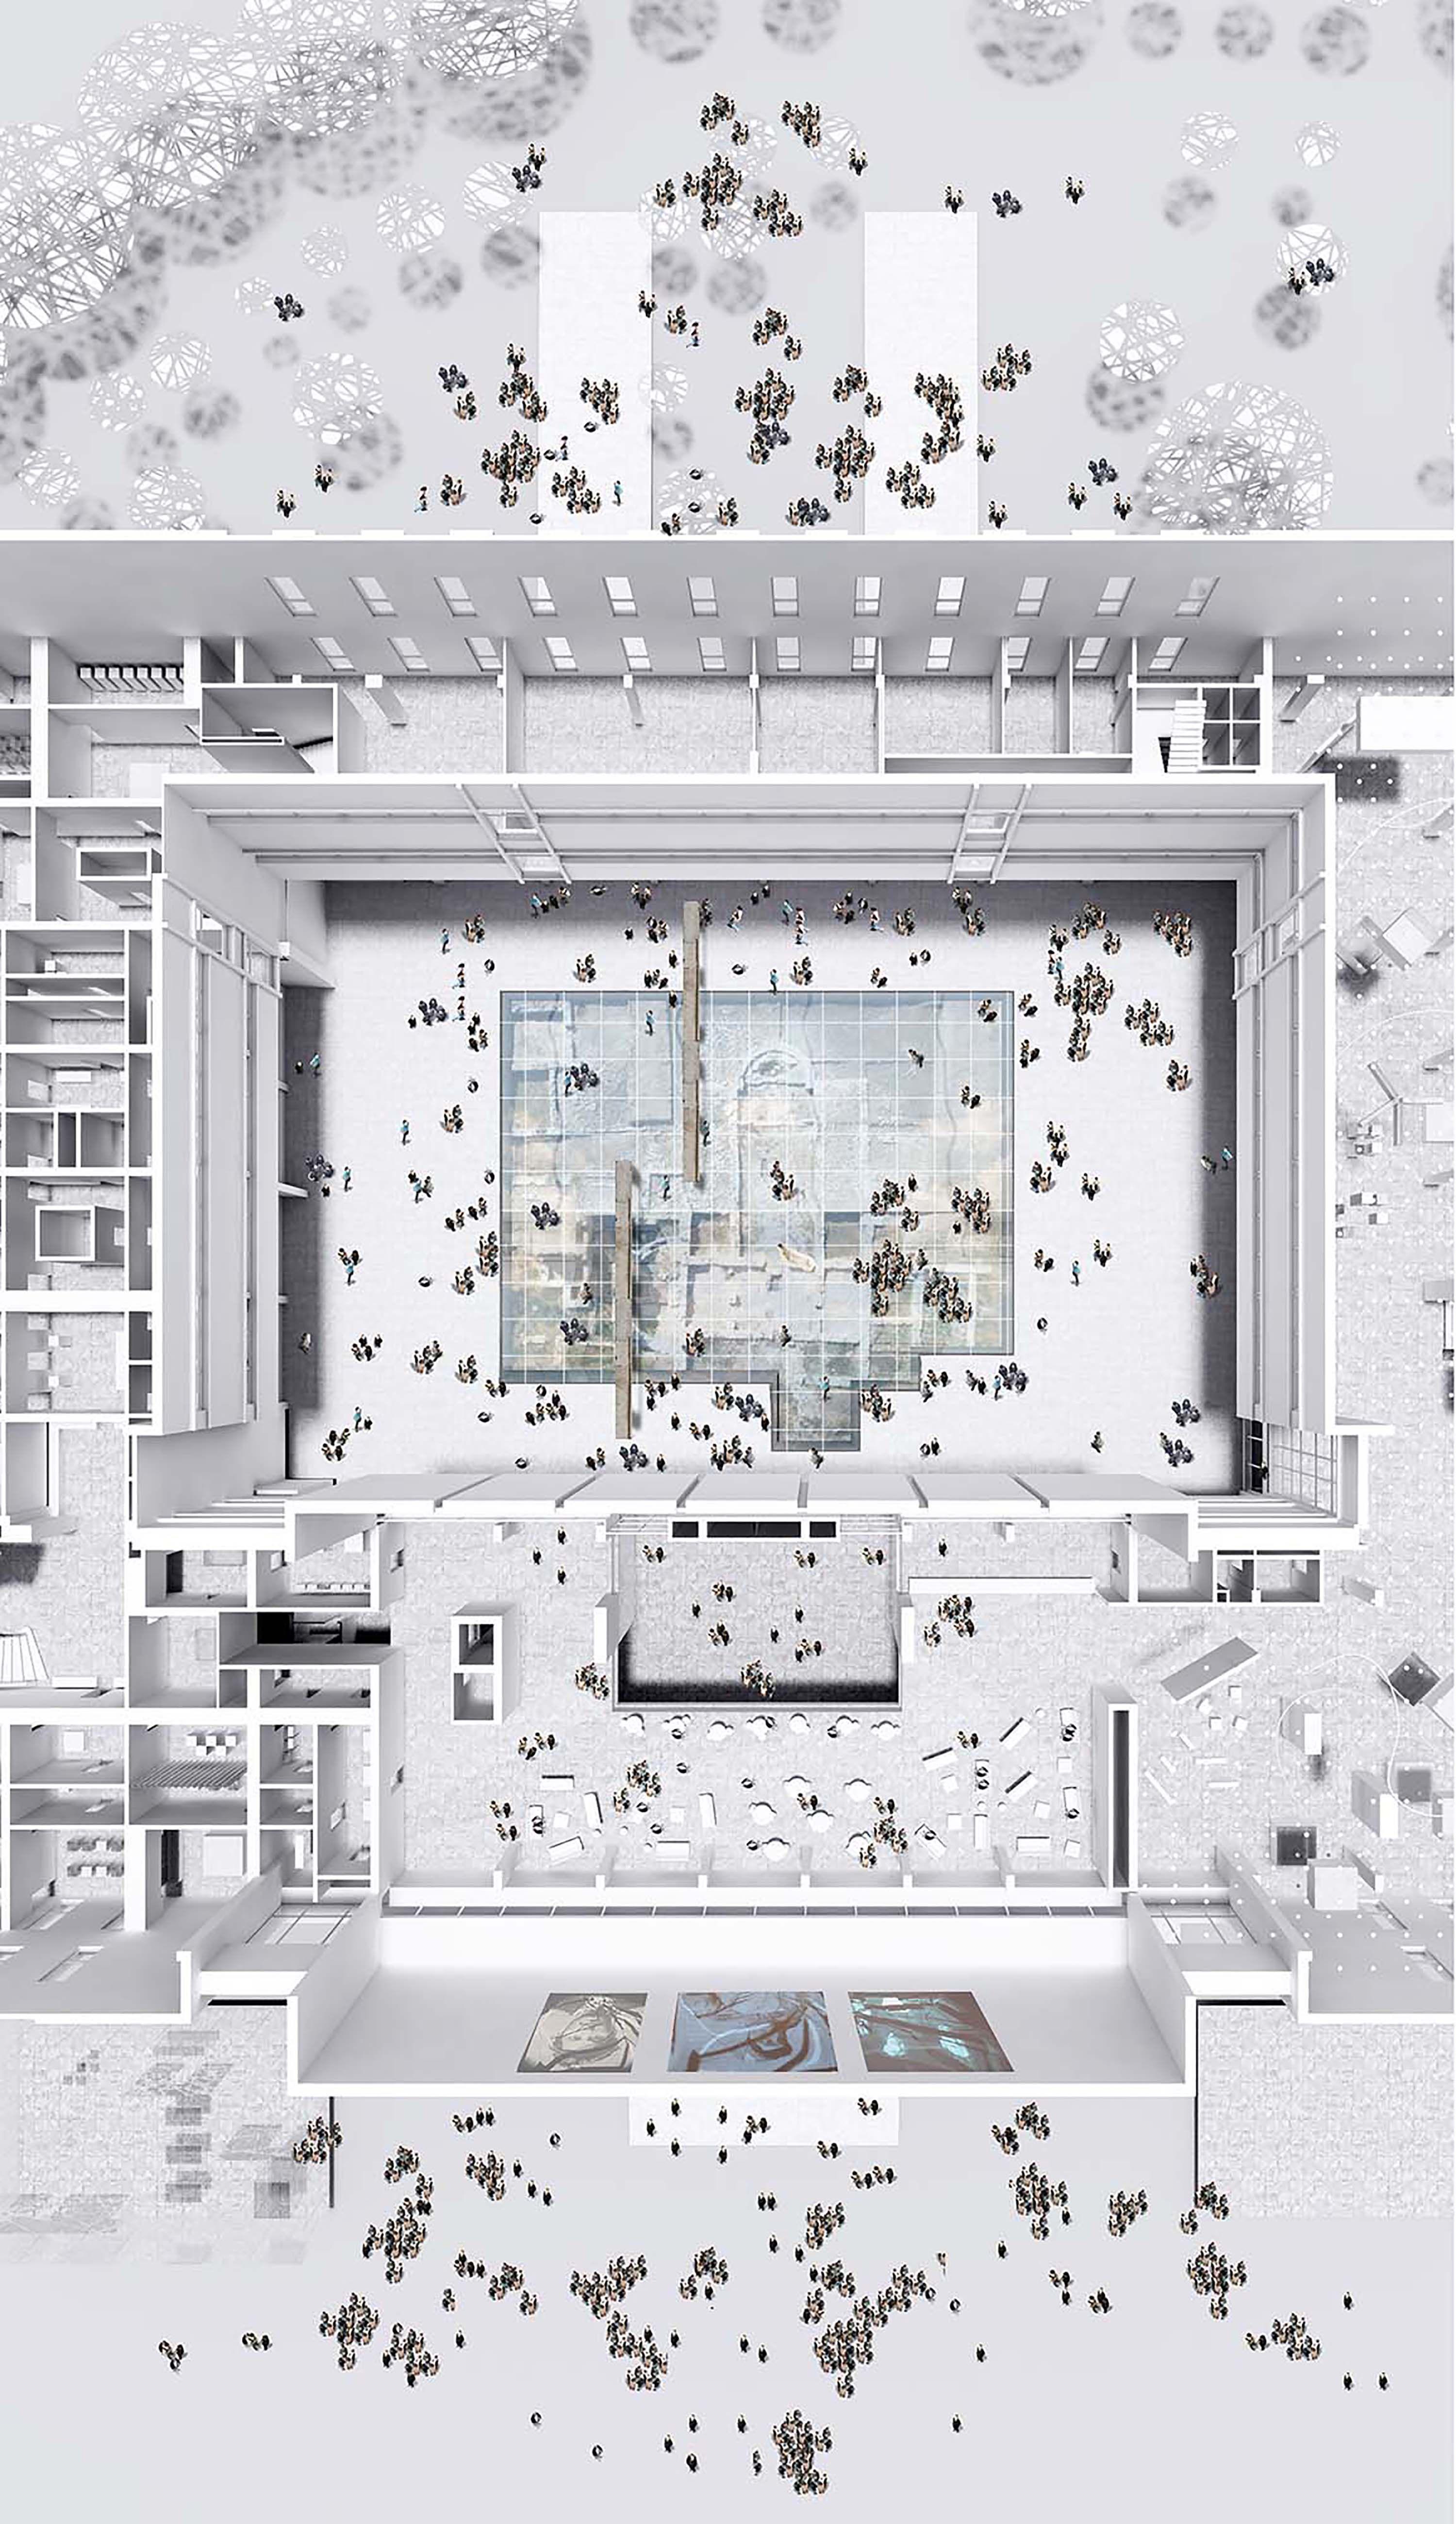 TIRANA_08.jpg (3000×5199) | Planimetría | Representación | Pinterest ...